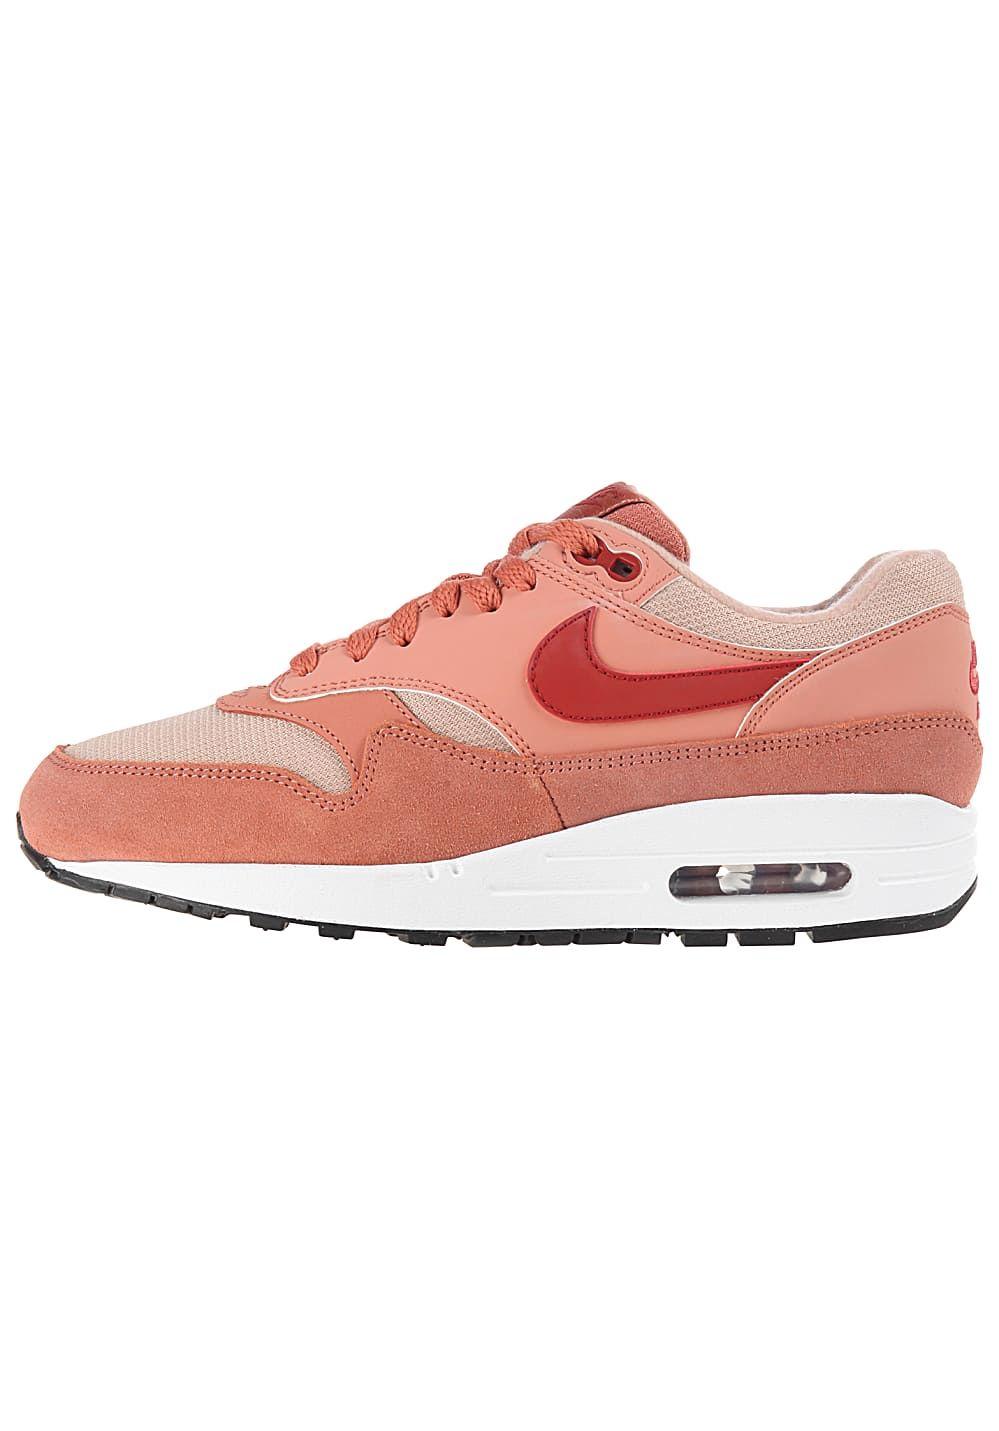 NIKE SPORTSWEAR Air Max 1 - Sneakers voor Dames - Roze ...